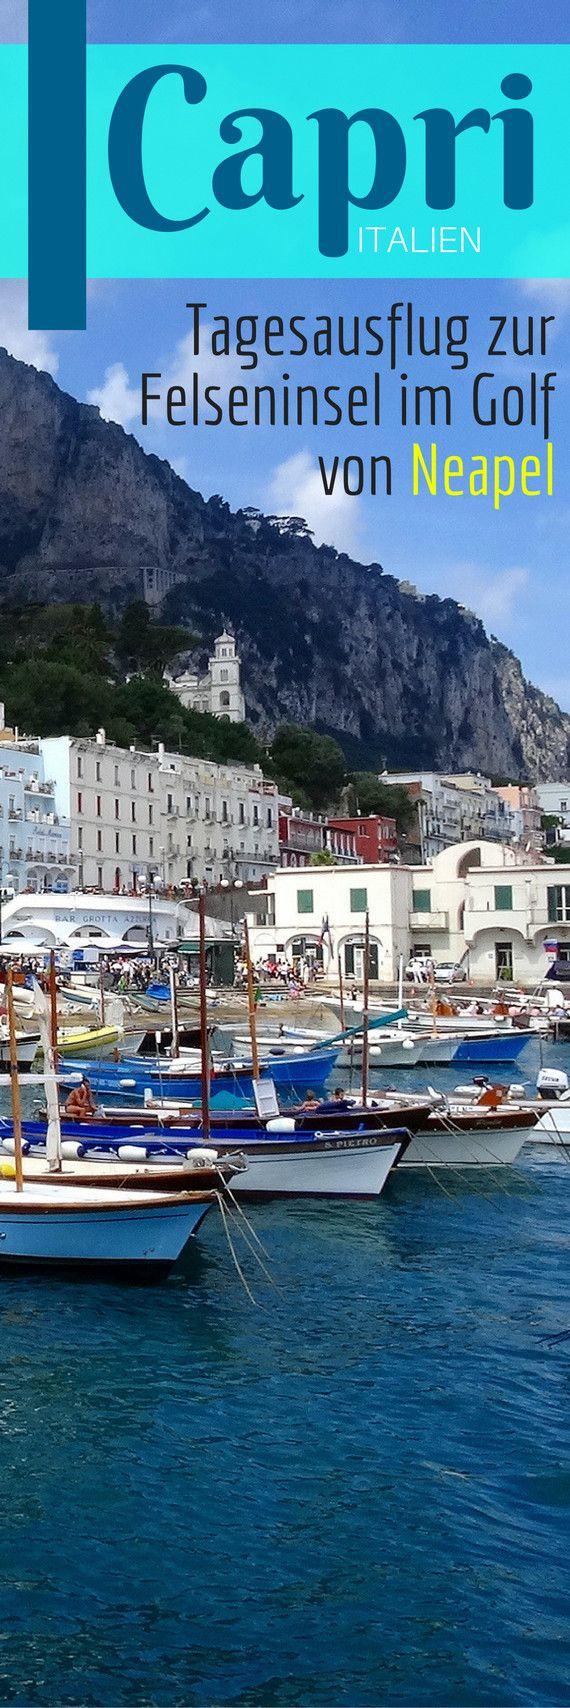 Capri – Ein Tagesausflug zur Felseninsel im Golf von Neapel